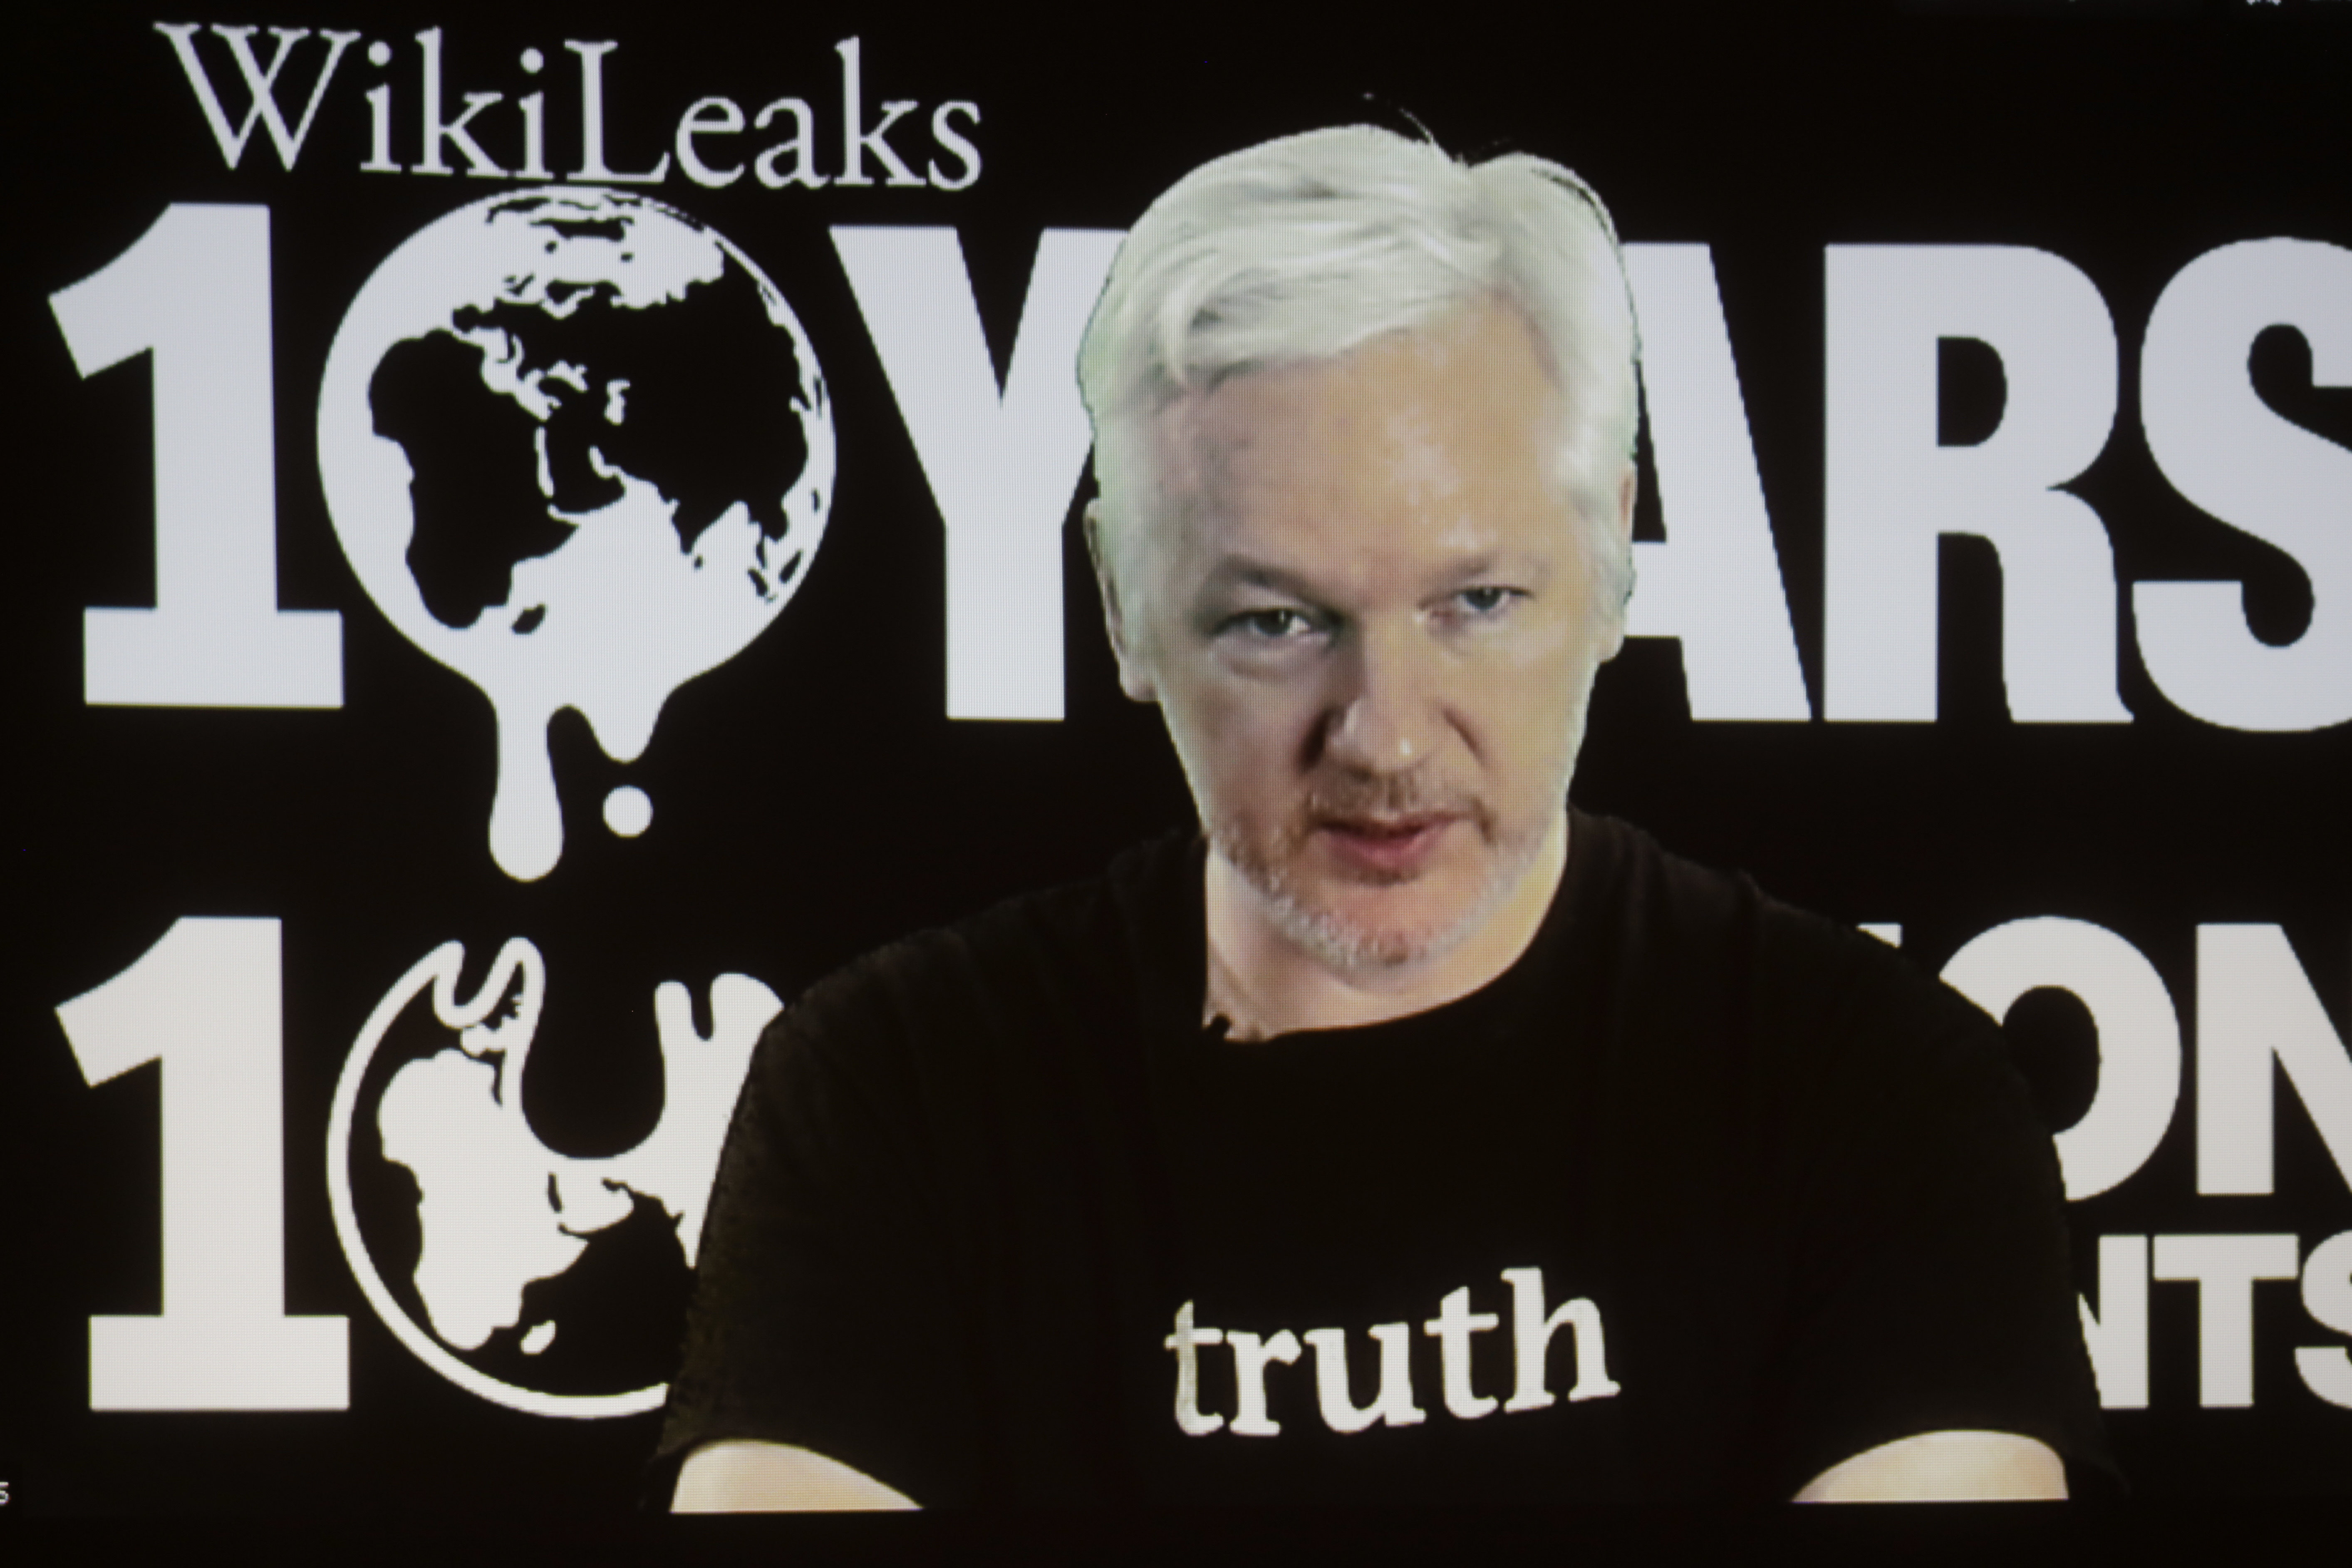 WikiLeaks' Julian Assange Defends Clinton Email Leaks